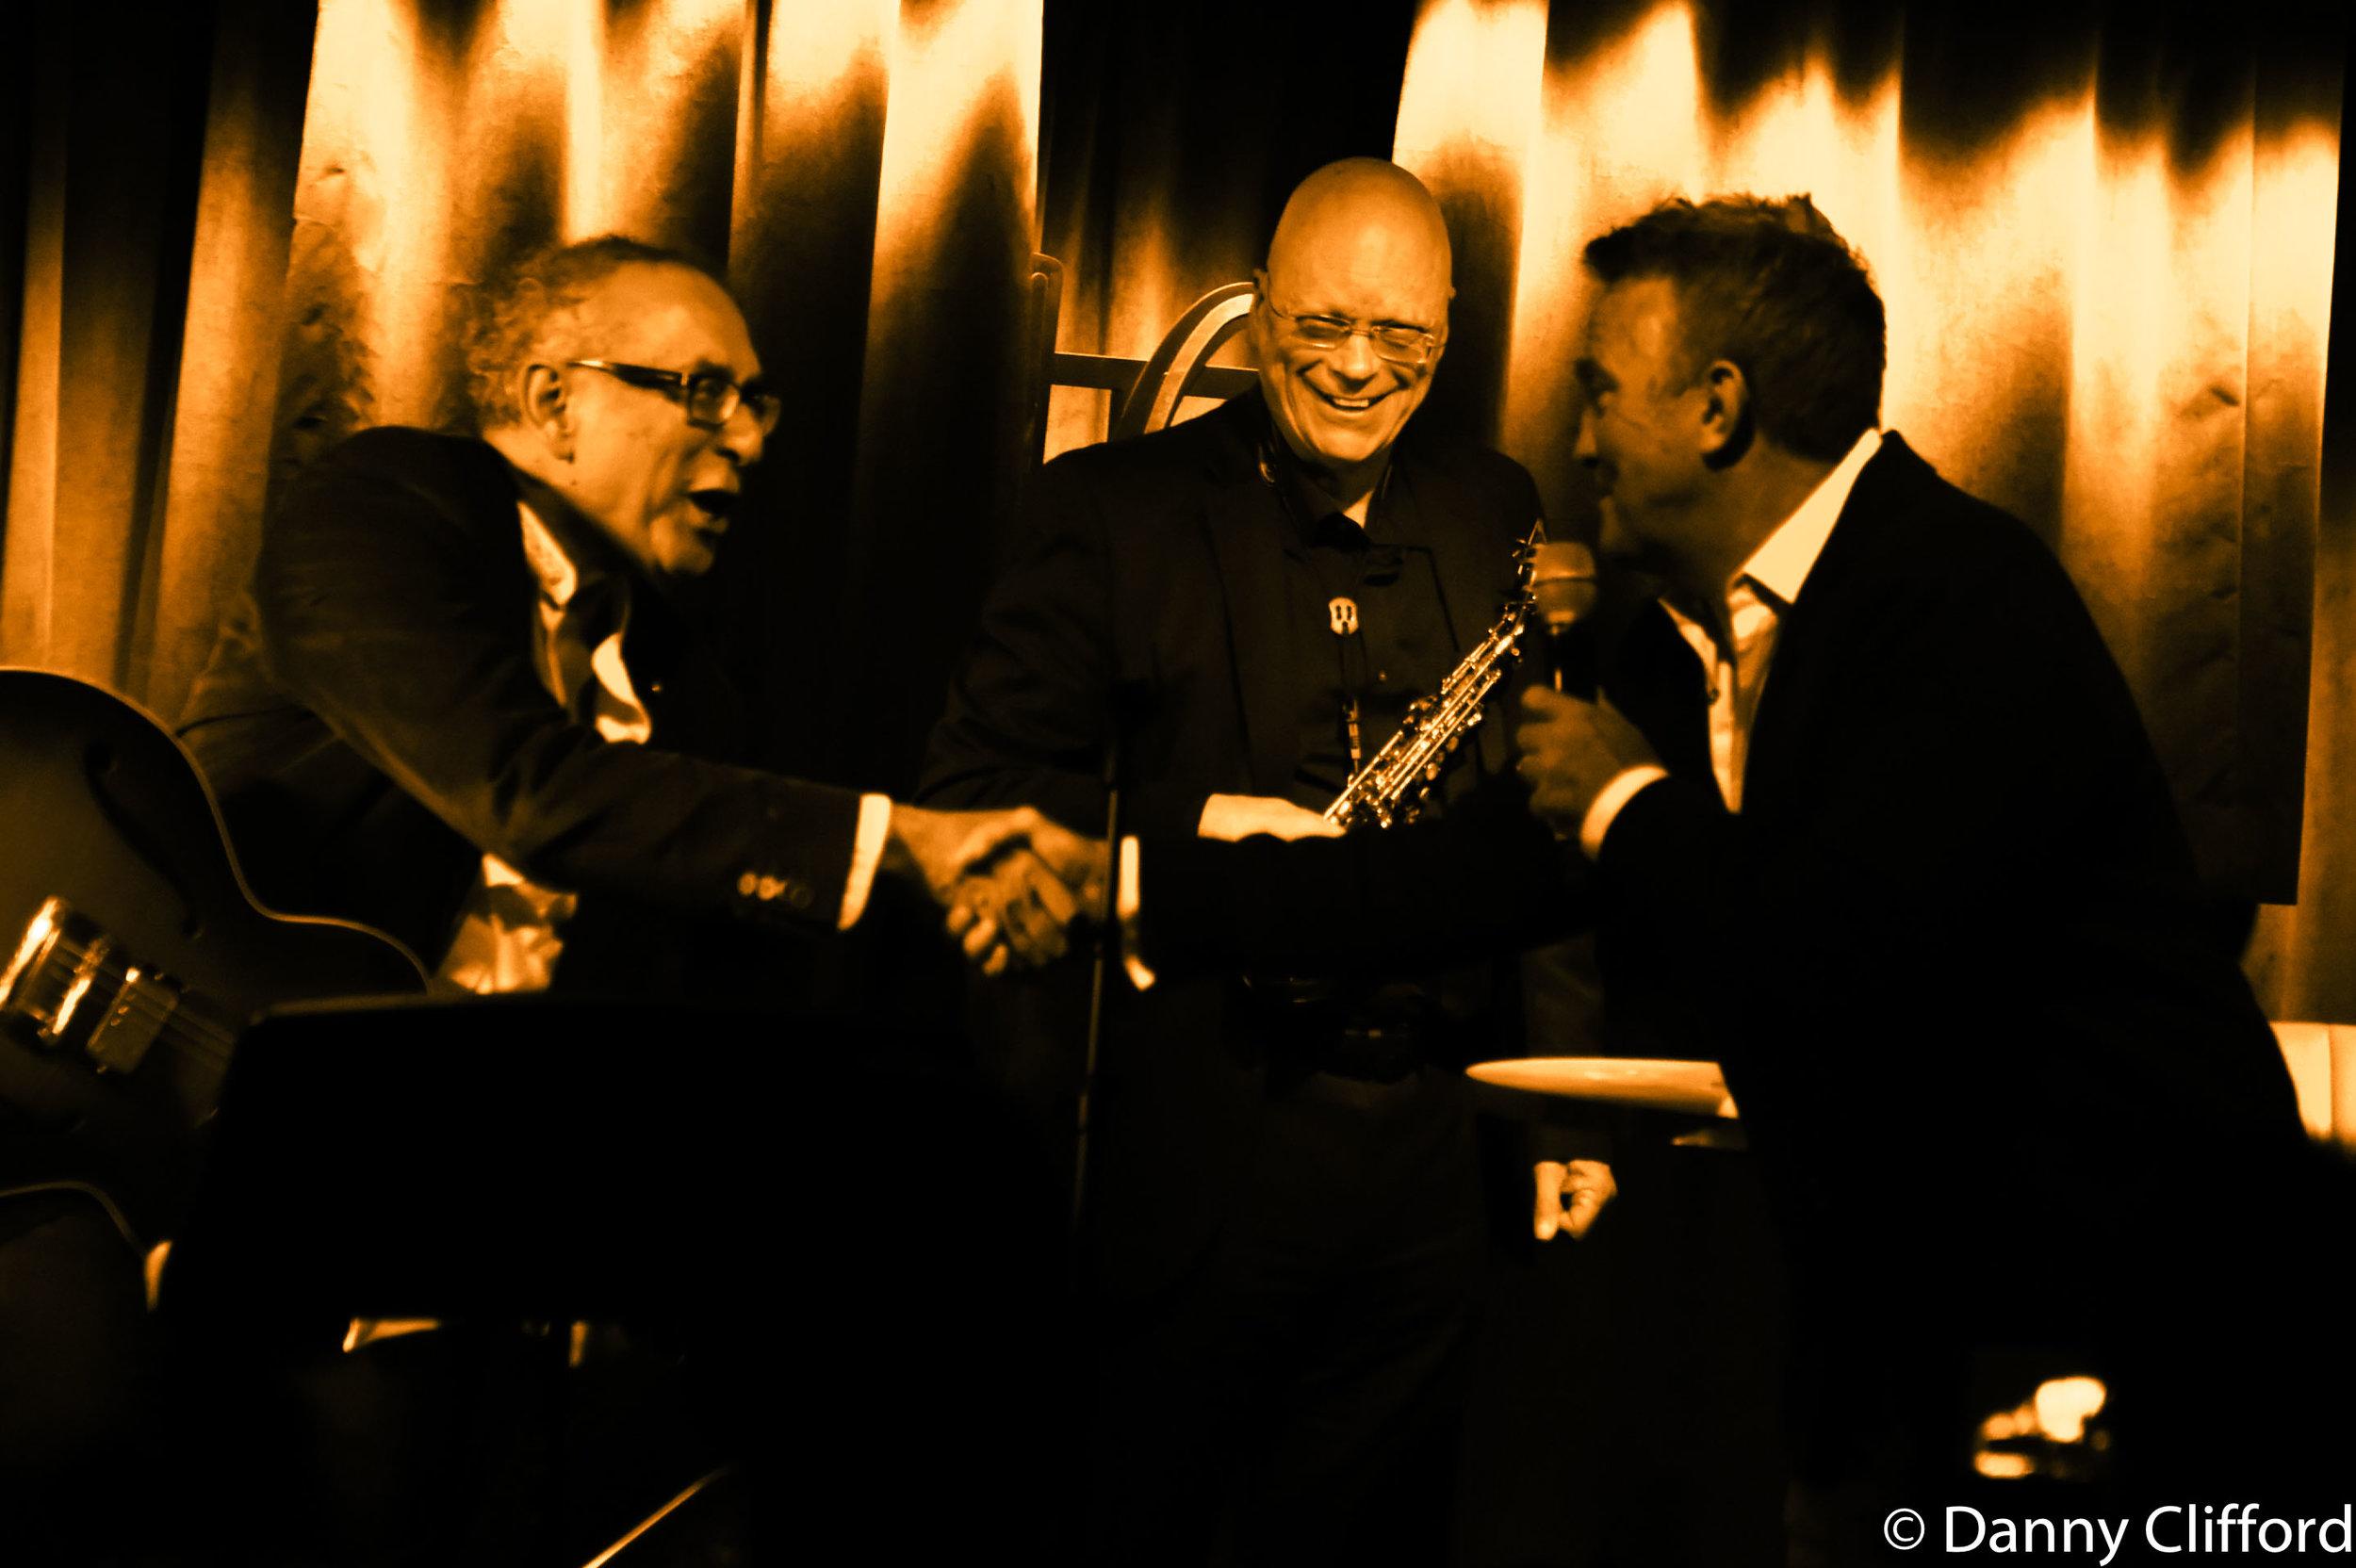 l-r Mitch Dalton, John Altman & Bradley Walsh